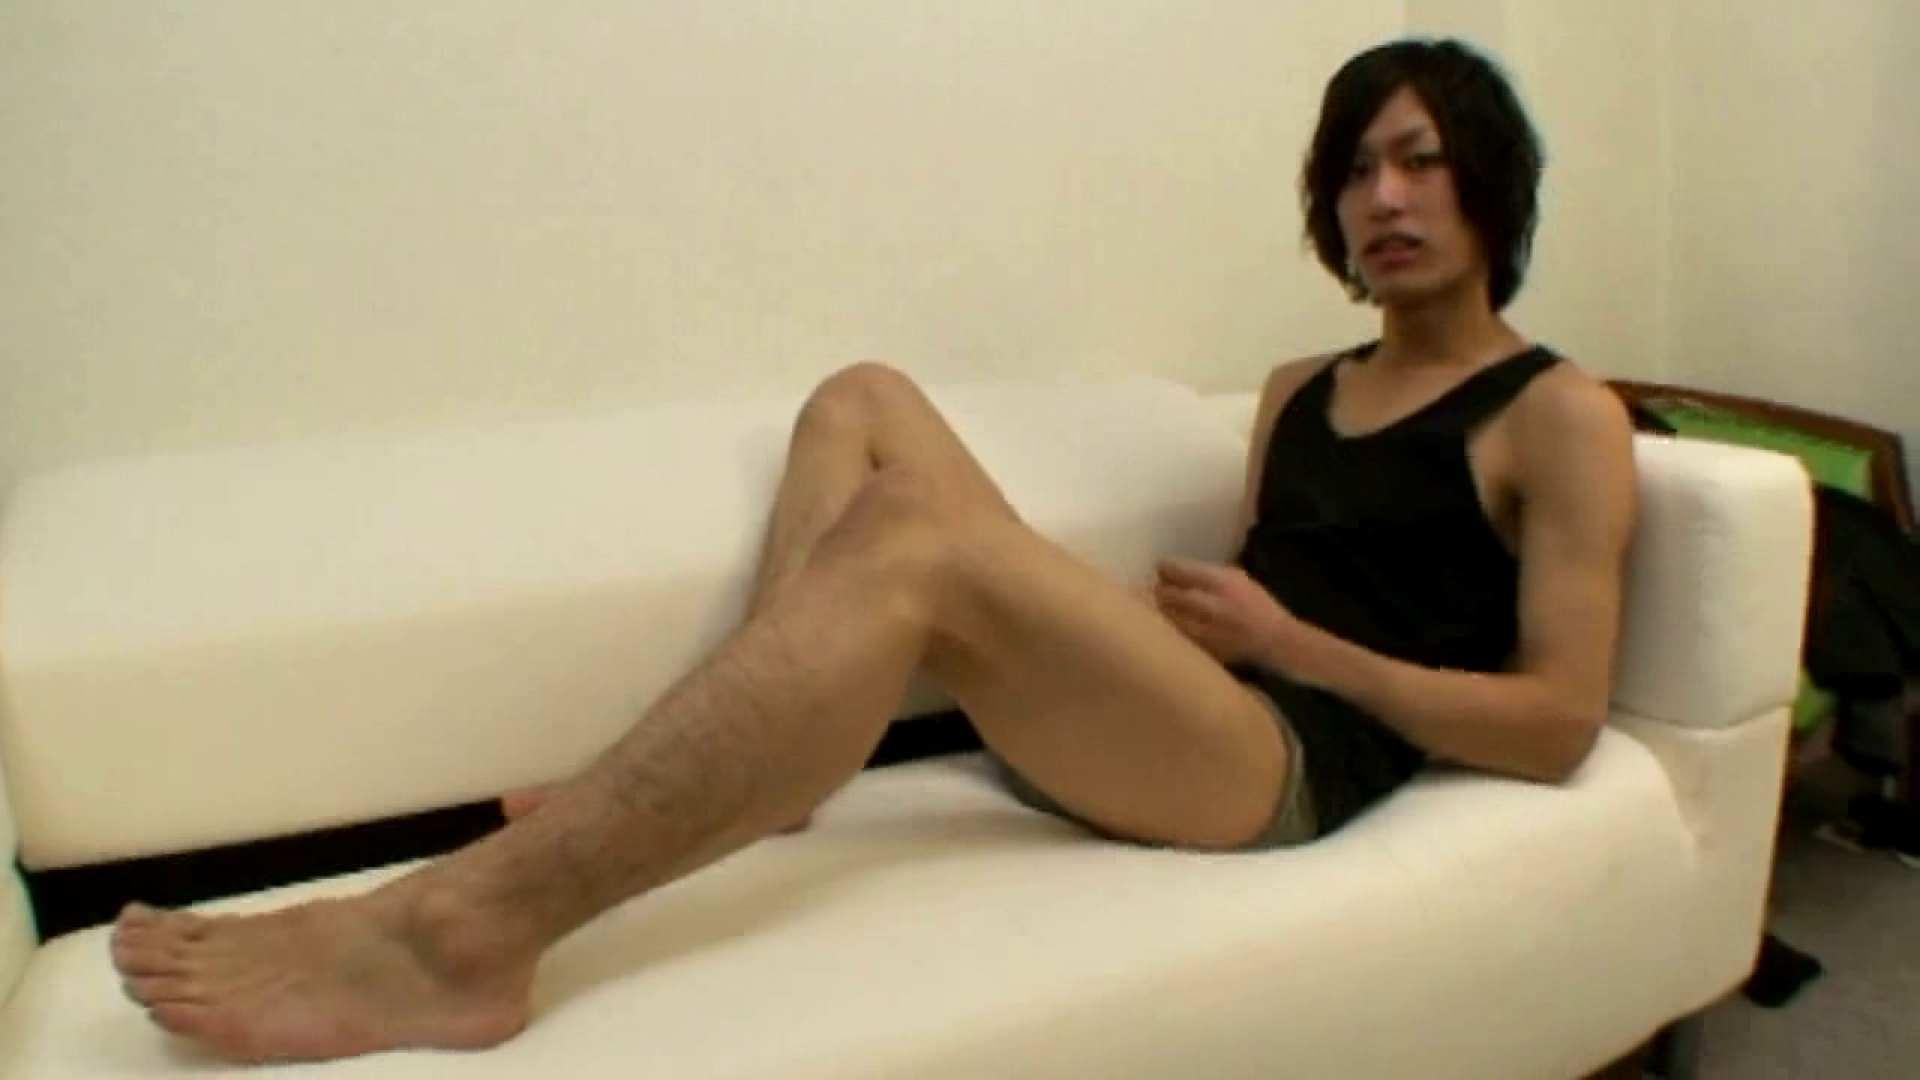 シャワー室で熱いマグマが吹き上がる! 男・男 ゲイエロビデオ画像 106pic 71